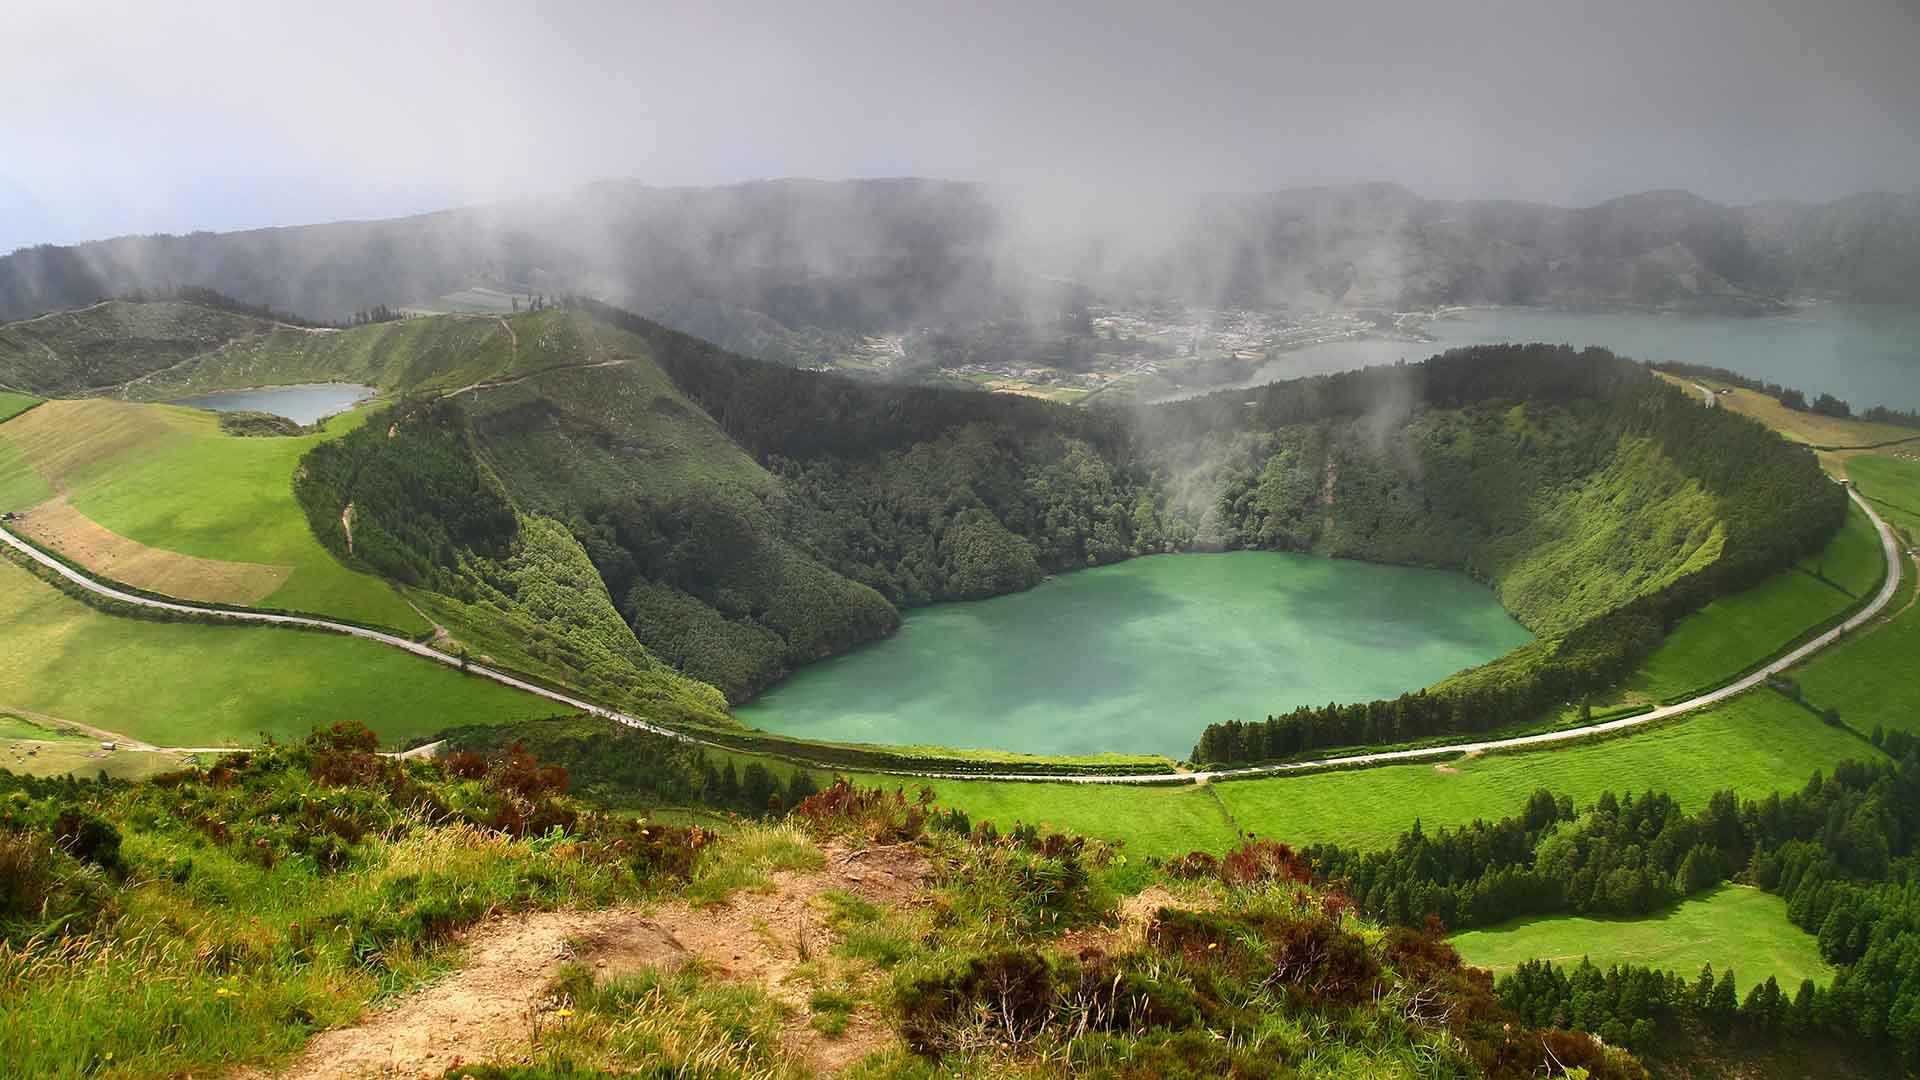 Para los viajeros informados, las Azores han representado durante mucho tiempo una señal intermitente en el radar de posibles destinos. El reconocimiento por parte de la UNESCO y de otras reconocidas organizaciones le han otorgado al conjunto de islas un valor agregado